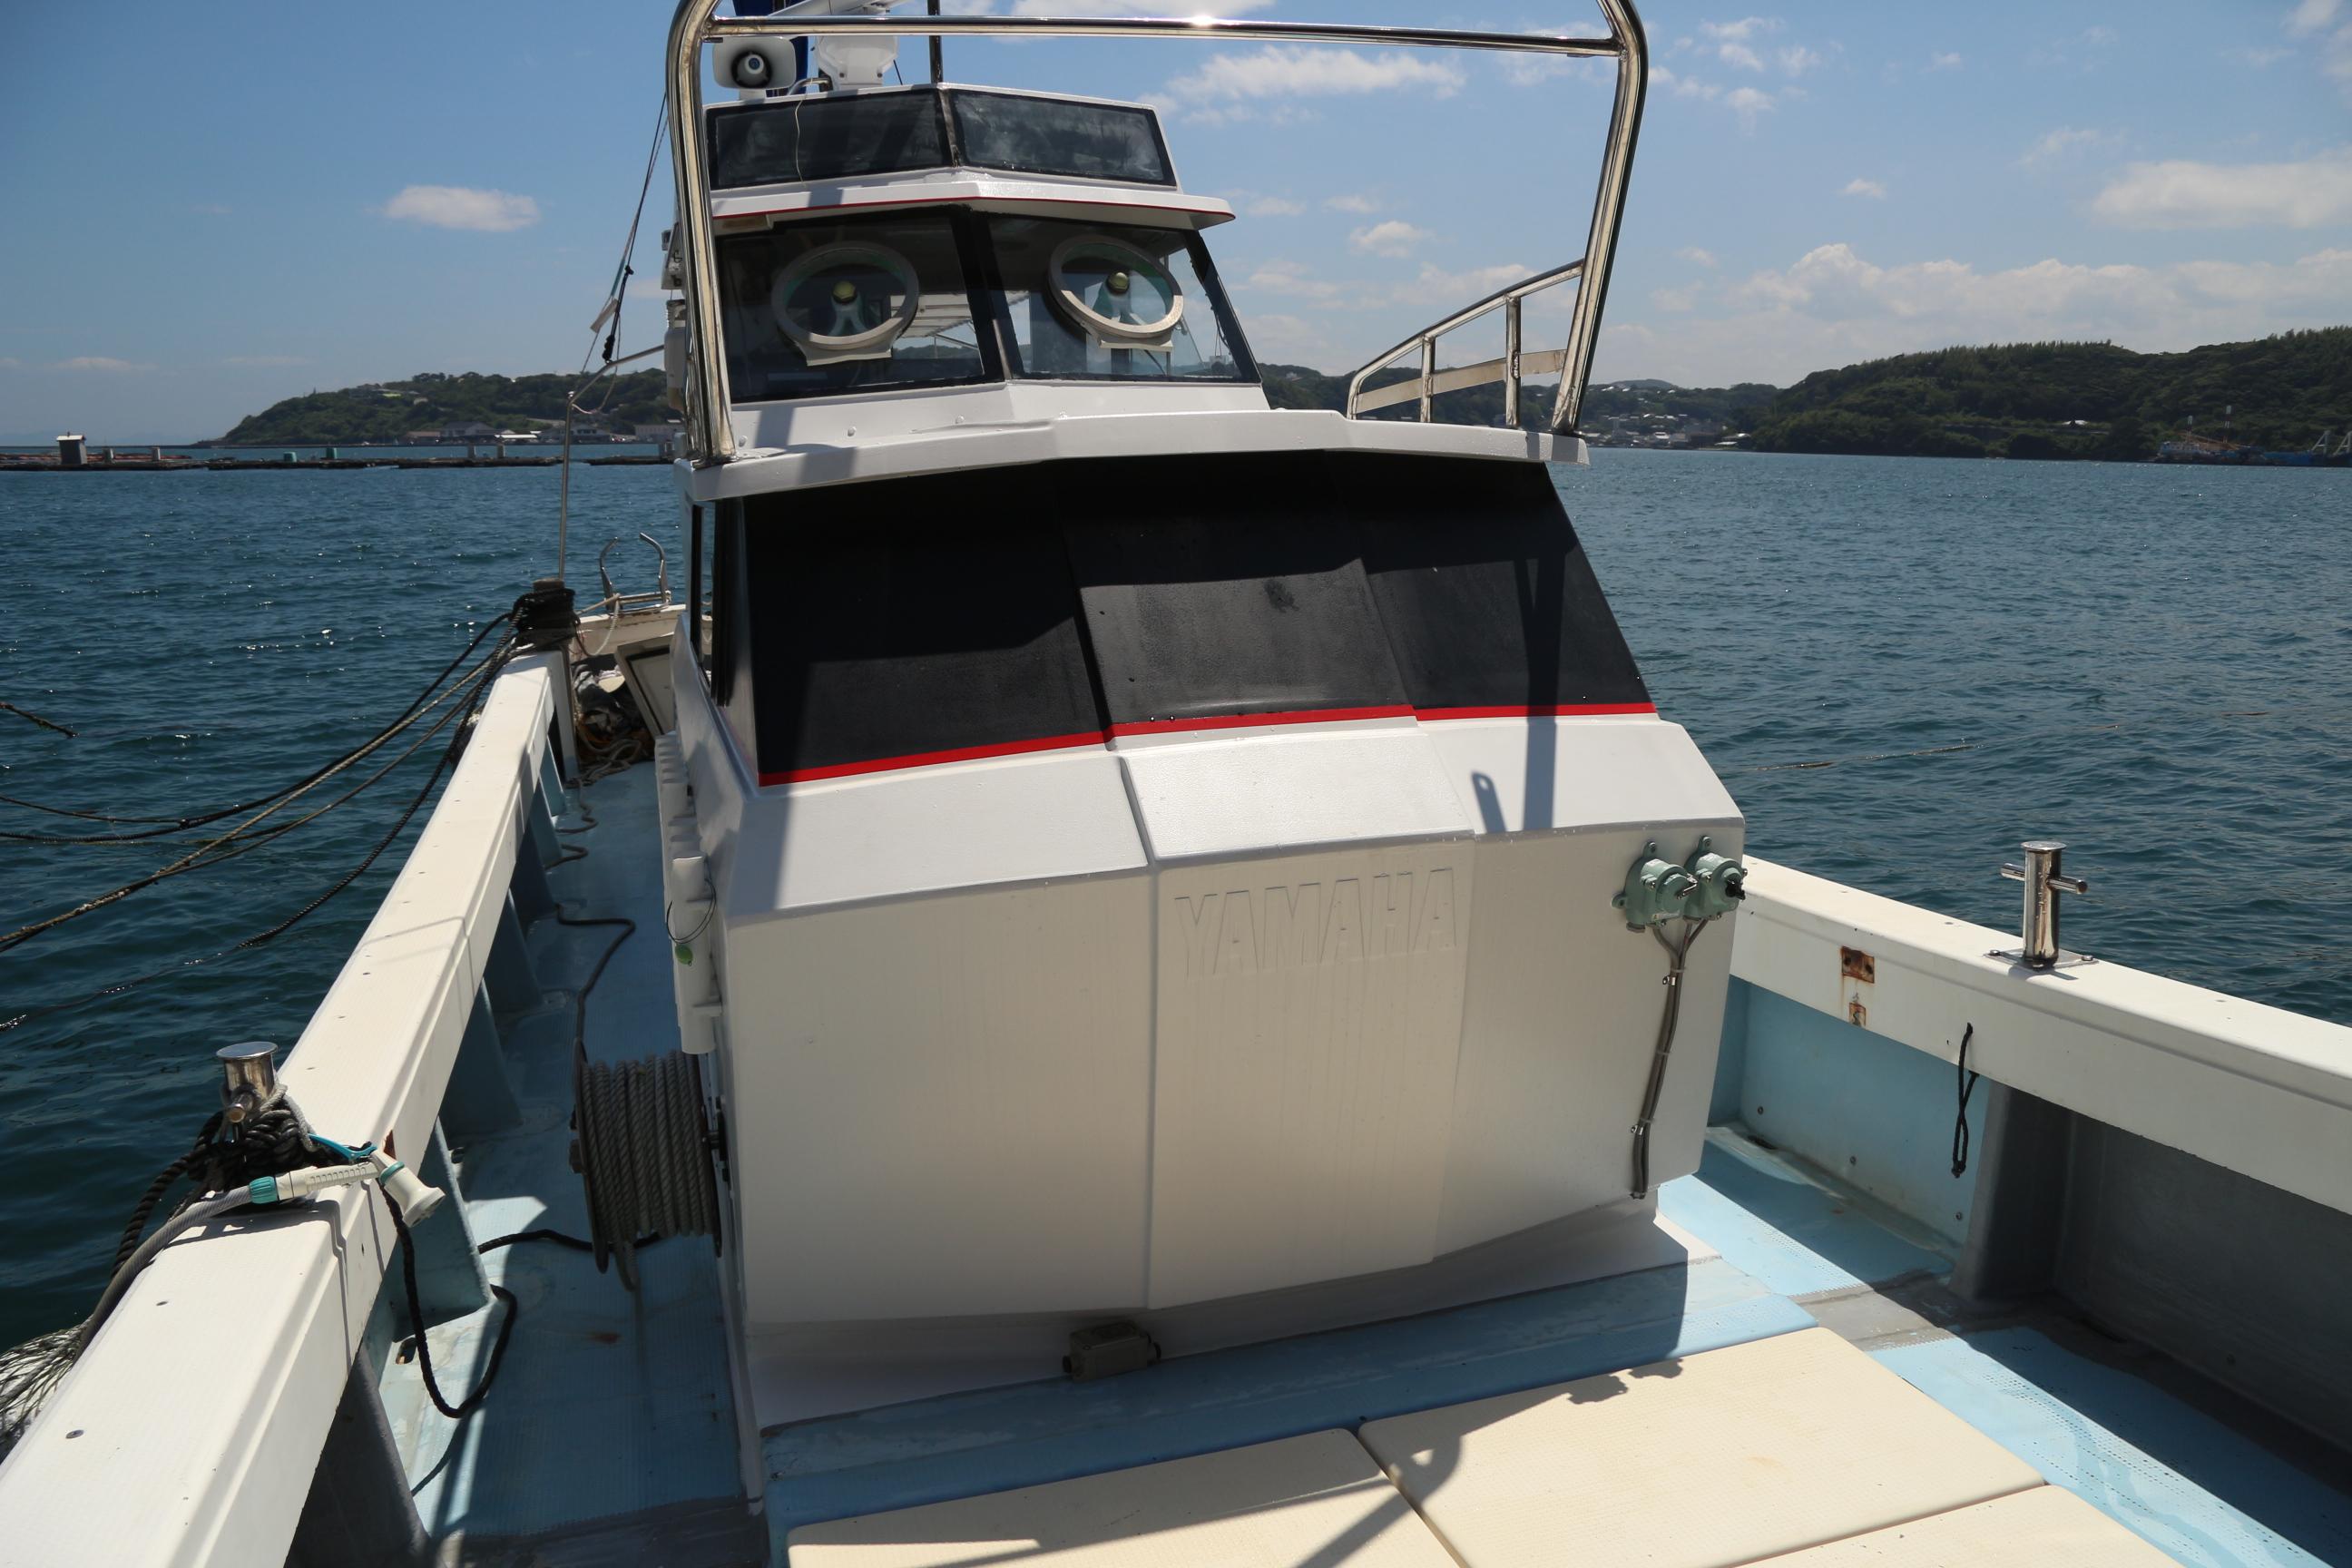 船体には快適かつ安全にお過ごしいただくための設備を備え付けております。